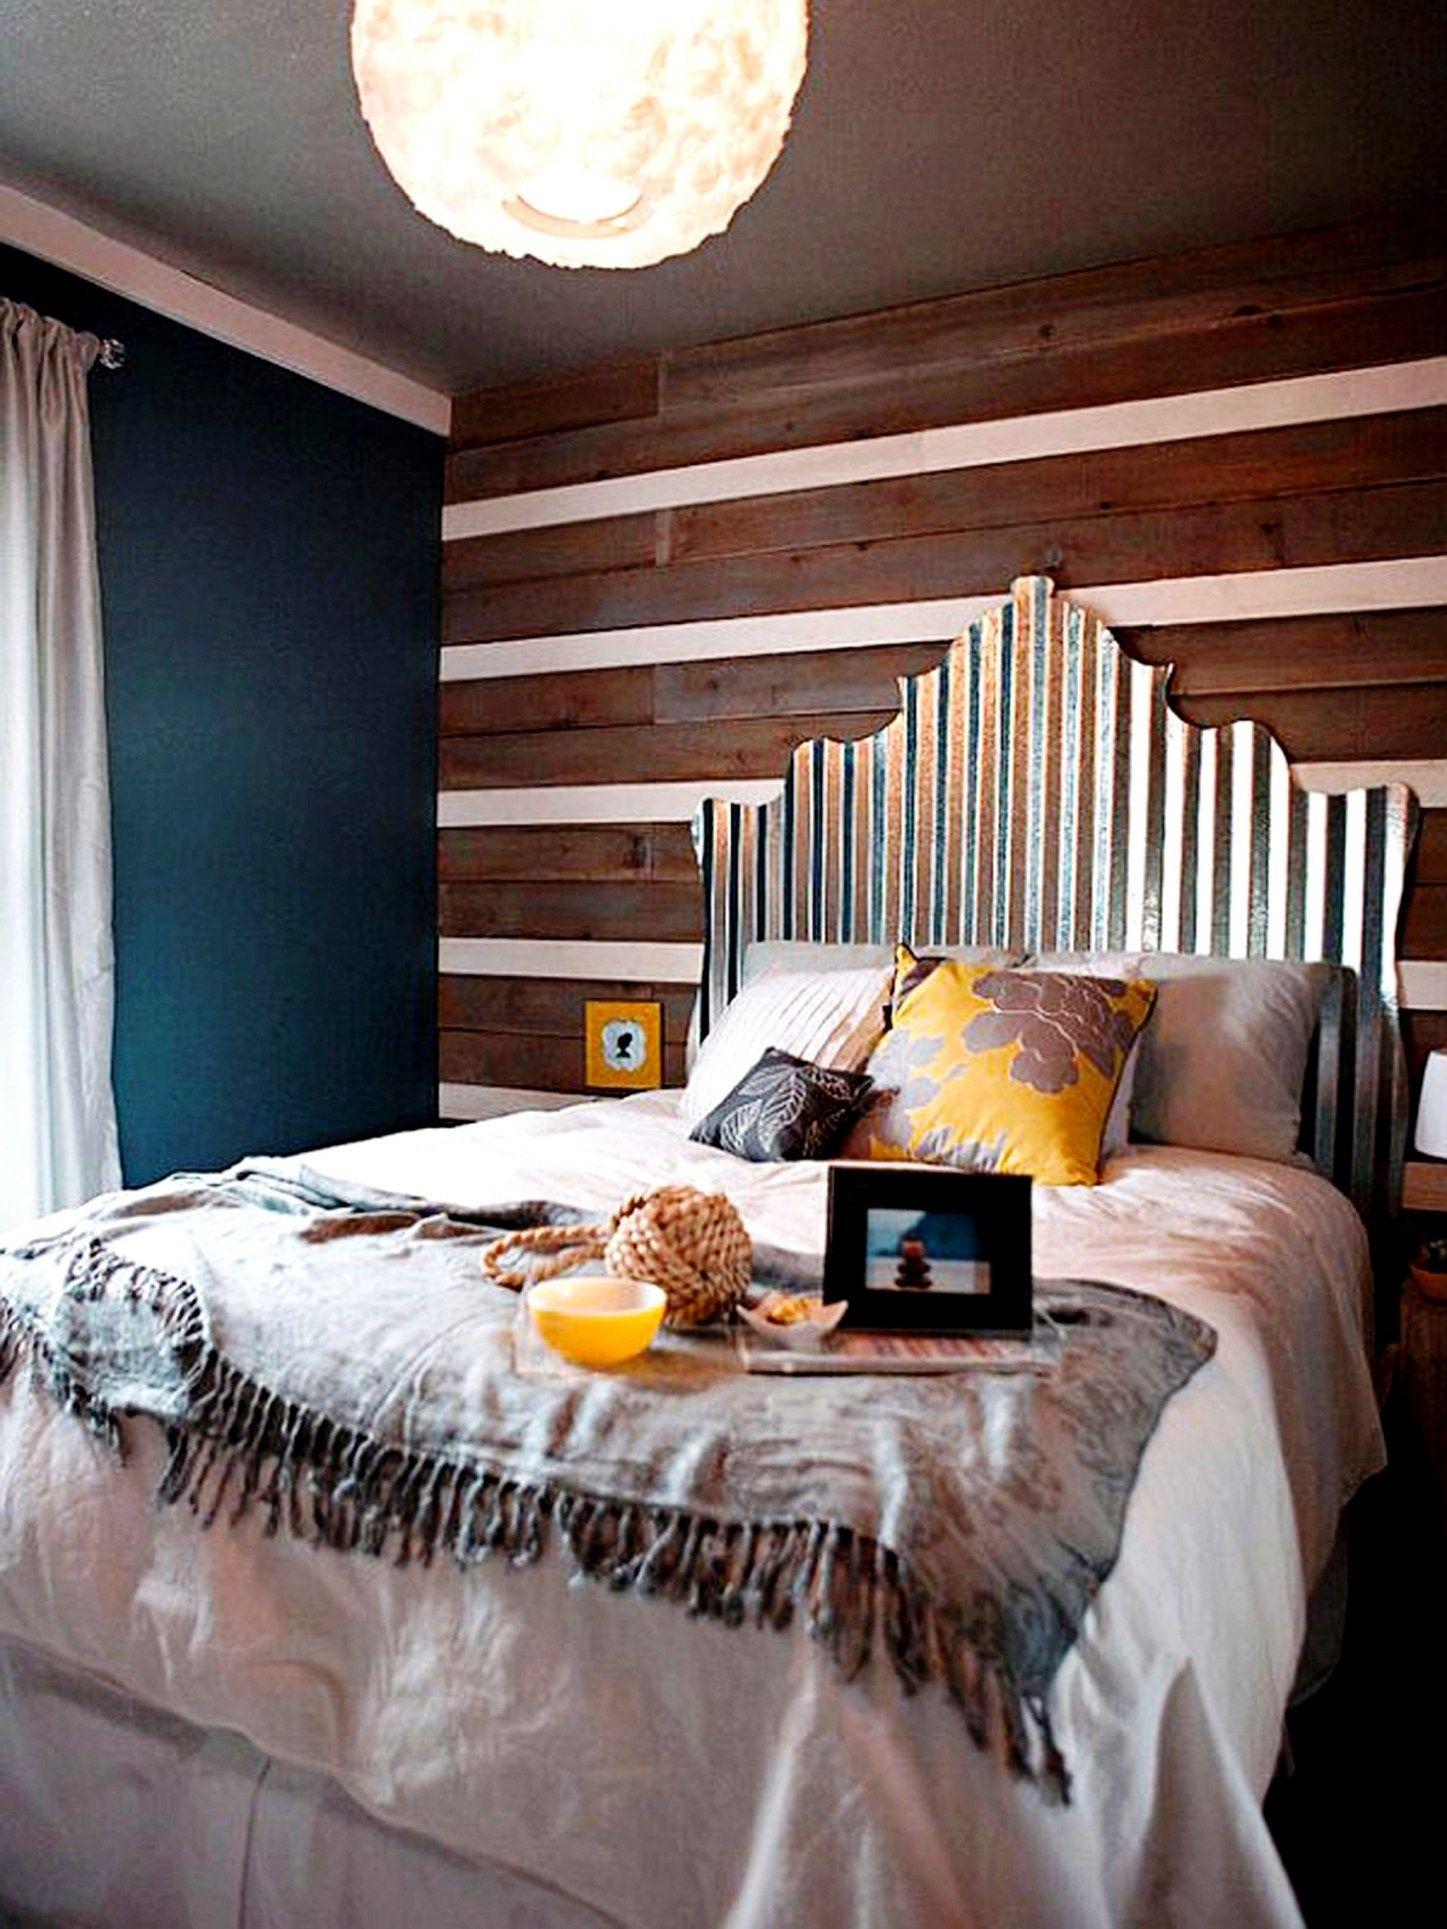 top 10 bedroom decorating ideas quiz top 10 bedroom decorating ideas rh pinterest com Bedroom Decorating Ideas for Teenage Girls Bedroom Decorating Ideas